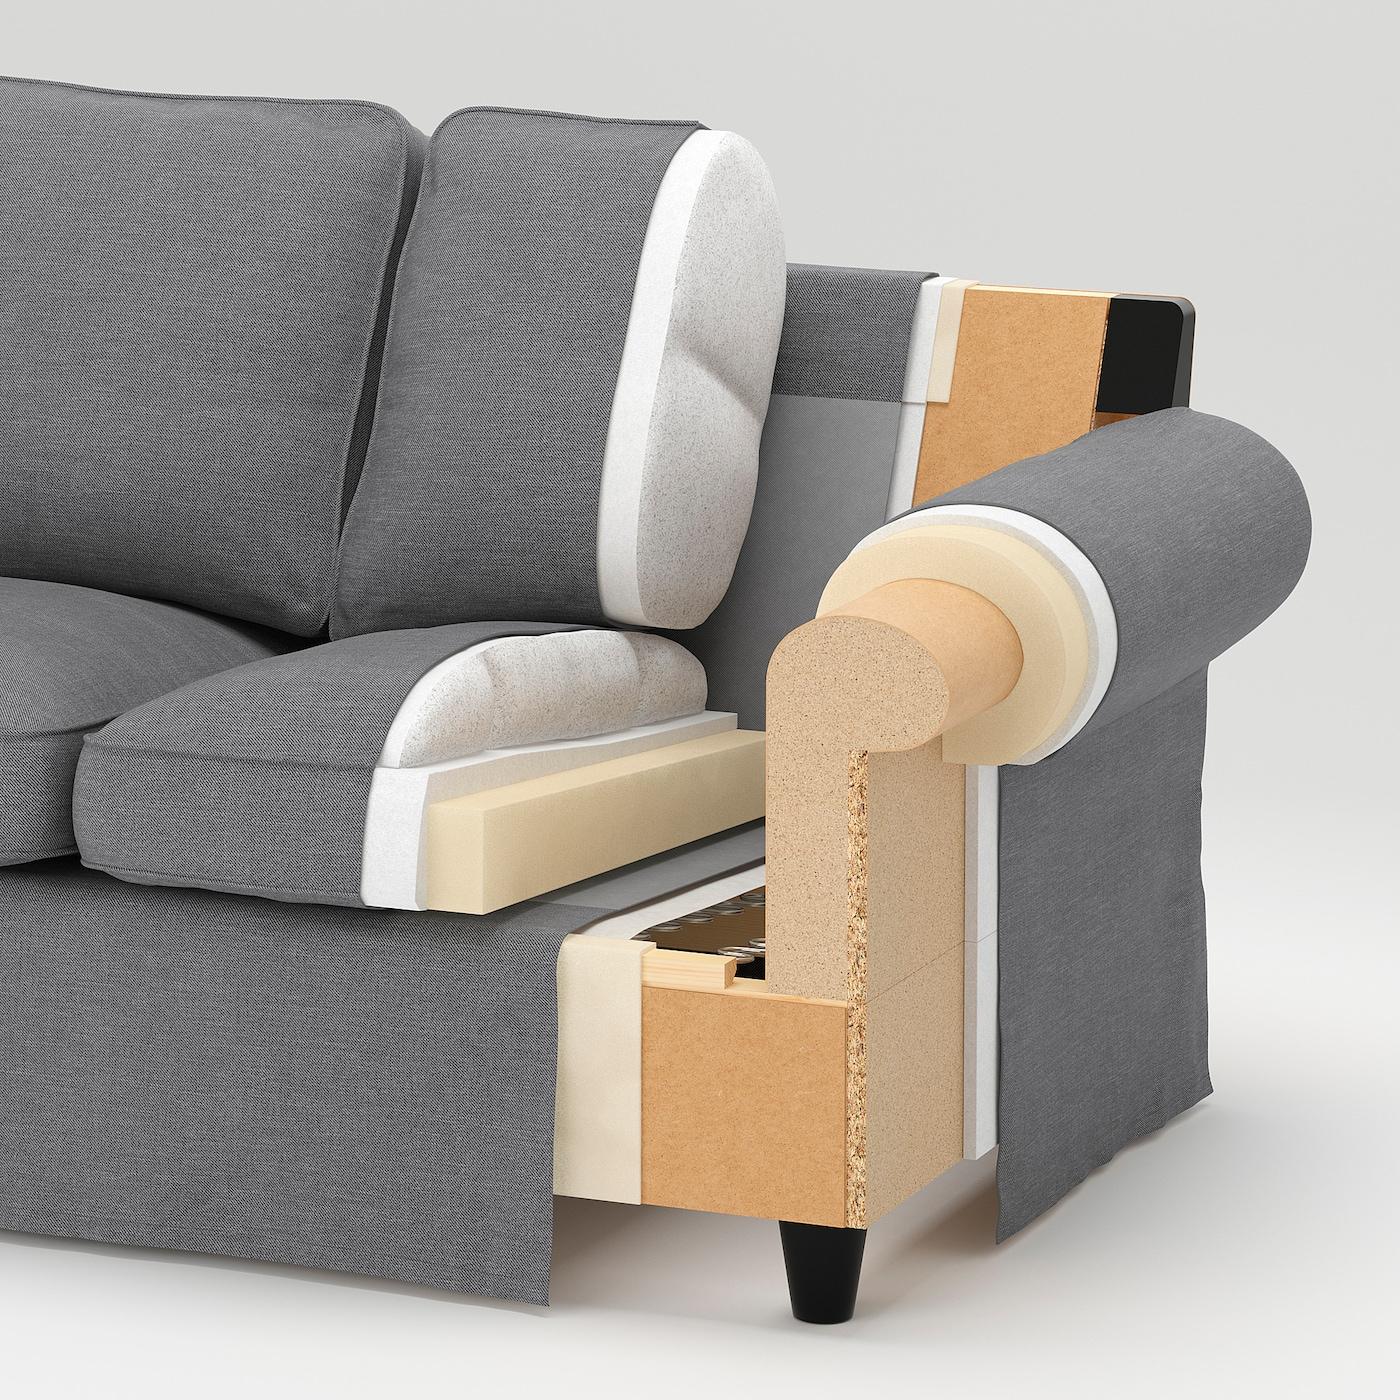 EKTORP Hörnsoffa, 4 sits Blekinge vit IKEA